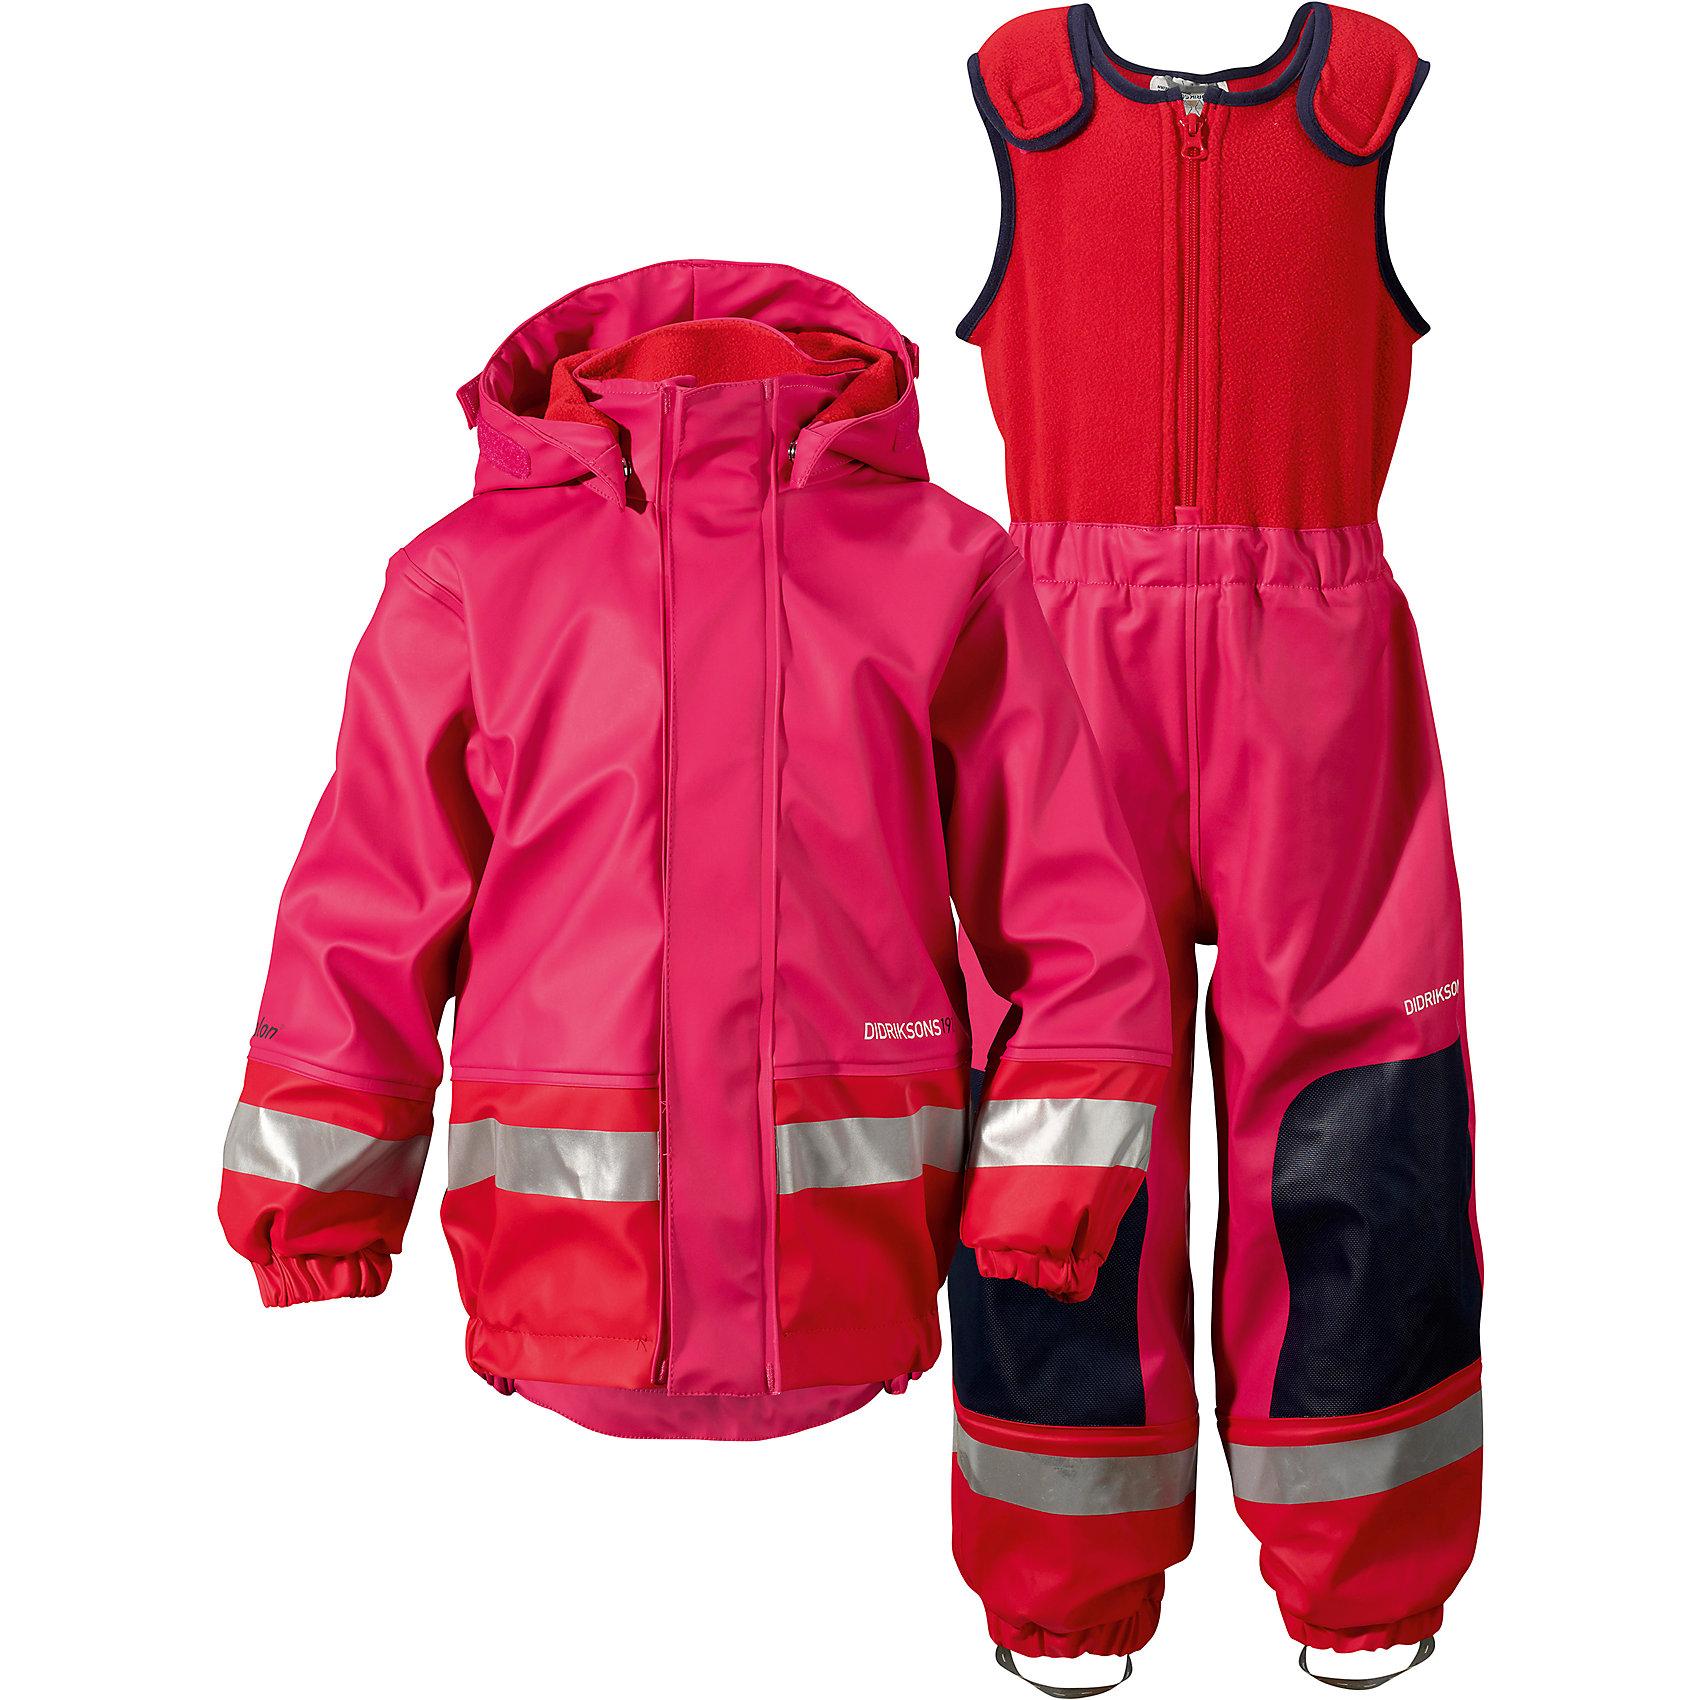 Непромокаемый комплект Boardman: куртка и брюки для девочки DIDRIKSONSВерхняя одежда<br>Характеристики товара:<br><br>• цвет: розовый<br>• материал: 100% полиуретан, подкладка - 100% полиэстер<br>• утеплитель: 60 г/м<br>• температура: от 0° до +7 ° С<br>• непромокаемая ткань<br>• подкладка из флиса<br>• проклеенные швы<br>• регулируемый съемный капюшон<br>• регулируемый пояс брюк<br>• фронтальная молния под планкой<br>• светоотражающие детали<br>• зона коленей усилена дополнительным слоем ткани<br>• грязь легко удаляется с помощью влажной губки или ткани<br>• резинки для ботинок<br>• страна бренда: Швеция<br>• страна производства: Китай<br><br>Такой непромокаемый костюм понадобится в холодную и сырую погоду! Он не только стильный, но еще и очень комфортный. Костюм обеспечит ребенку удобство при прогулках и активном отдыхе в межсезонье или оттепель. Такая модель от шведского производителя легко чистится, она оснащена разными полезными деталями.<br>Материал костюма - непромокаемый, швы дополнительно проклеены. Очень стильная и удобная модель! Изделие качественно выполнено, сделано из безопасных для детей материалов. <br><br>Комплект: куртку и полукомбинезон для девочки  от бренда DIDRIKSONS можно купить в нашем интернет-магазине.<br><br>Ширина мм: 356<br>Глубина мм: 10<br>Высота мм: 245<br>Вес г: 519<br>Цвет: розовый<br>Возраст от месяцев: 18<br>Возраст до месяцев: 24<br>Пол: Женский<br>Возраст: Детский<br>Размер: 90,70,140,100,80<br>SKU: 5003847